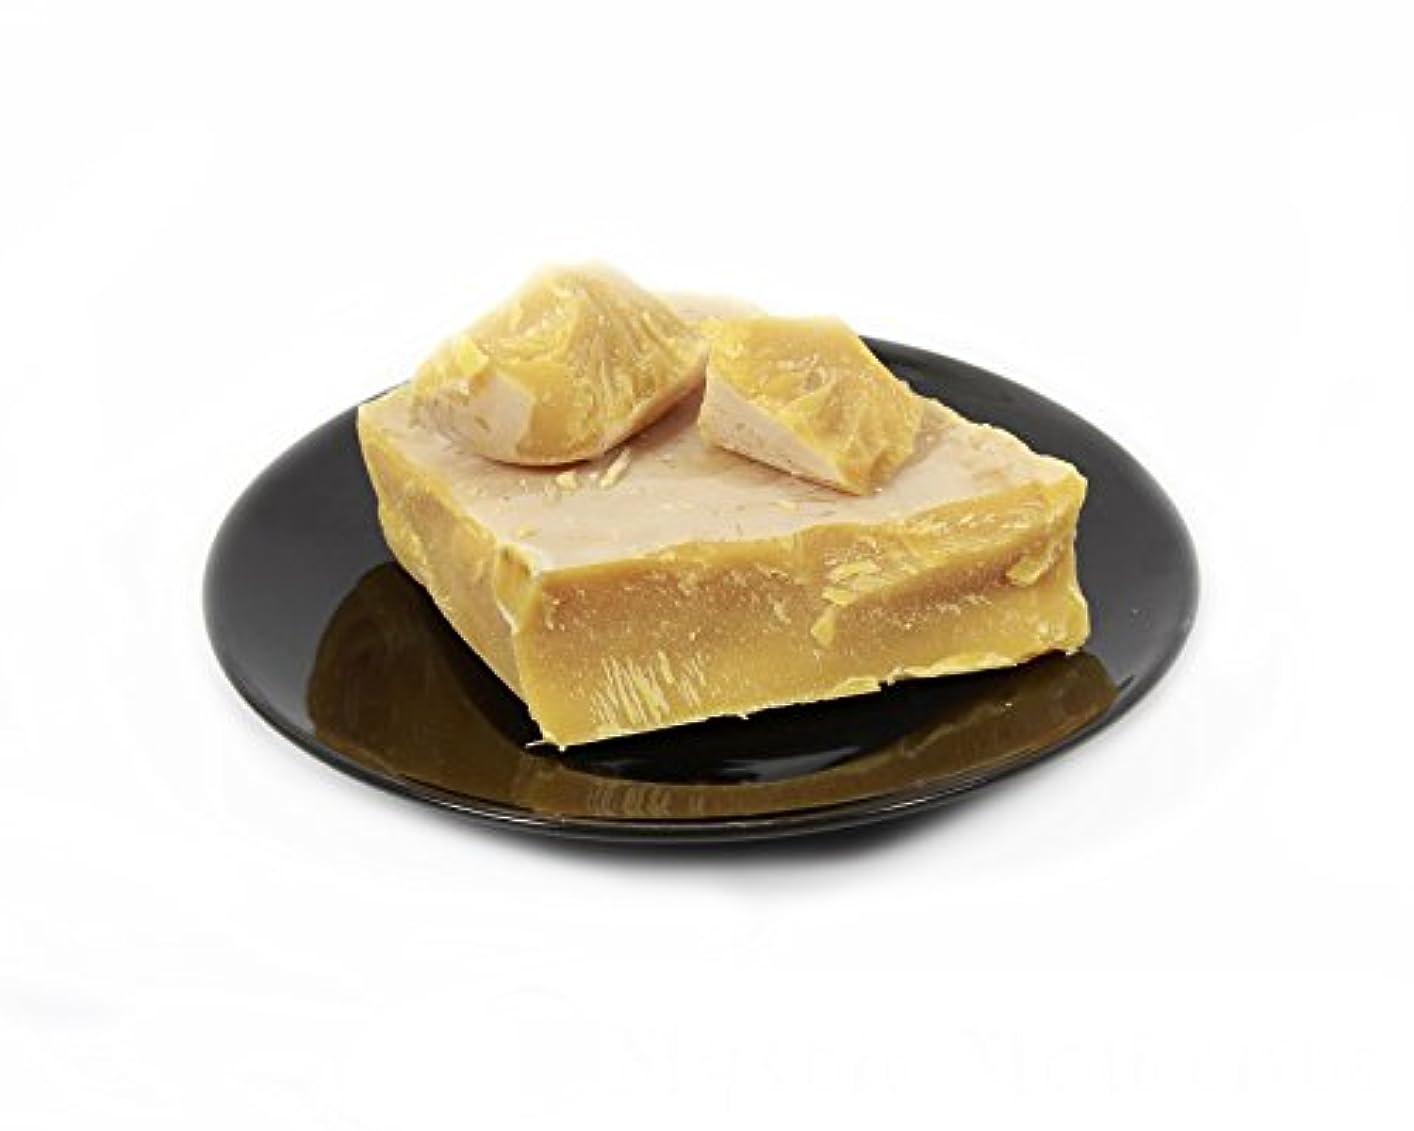 後悔破壊鳴らすBeeswax Block Purified Yellow (100% Natural) - 5Kg